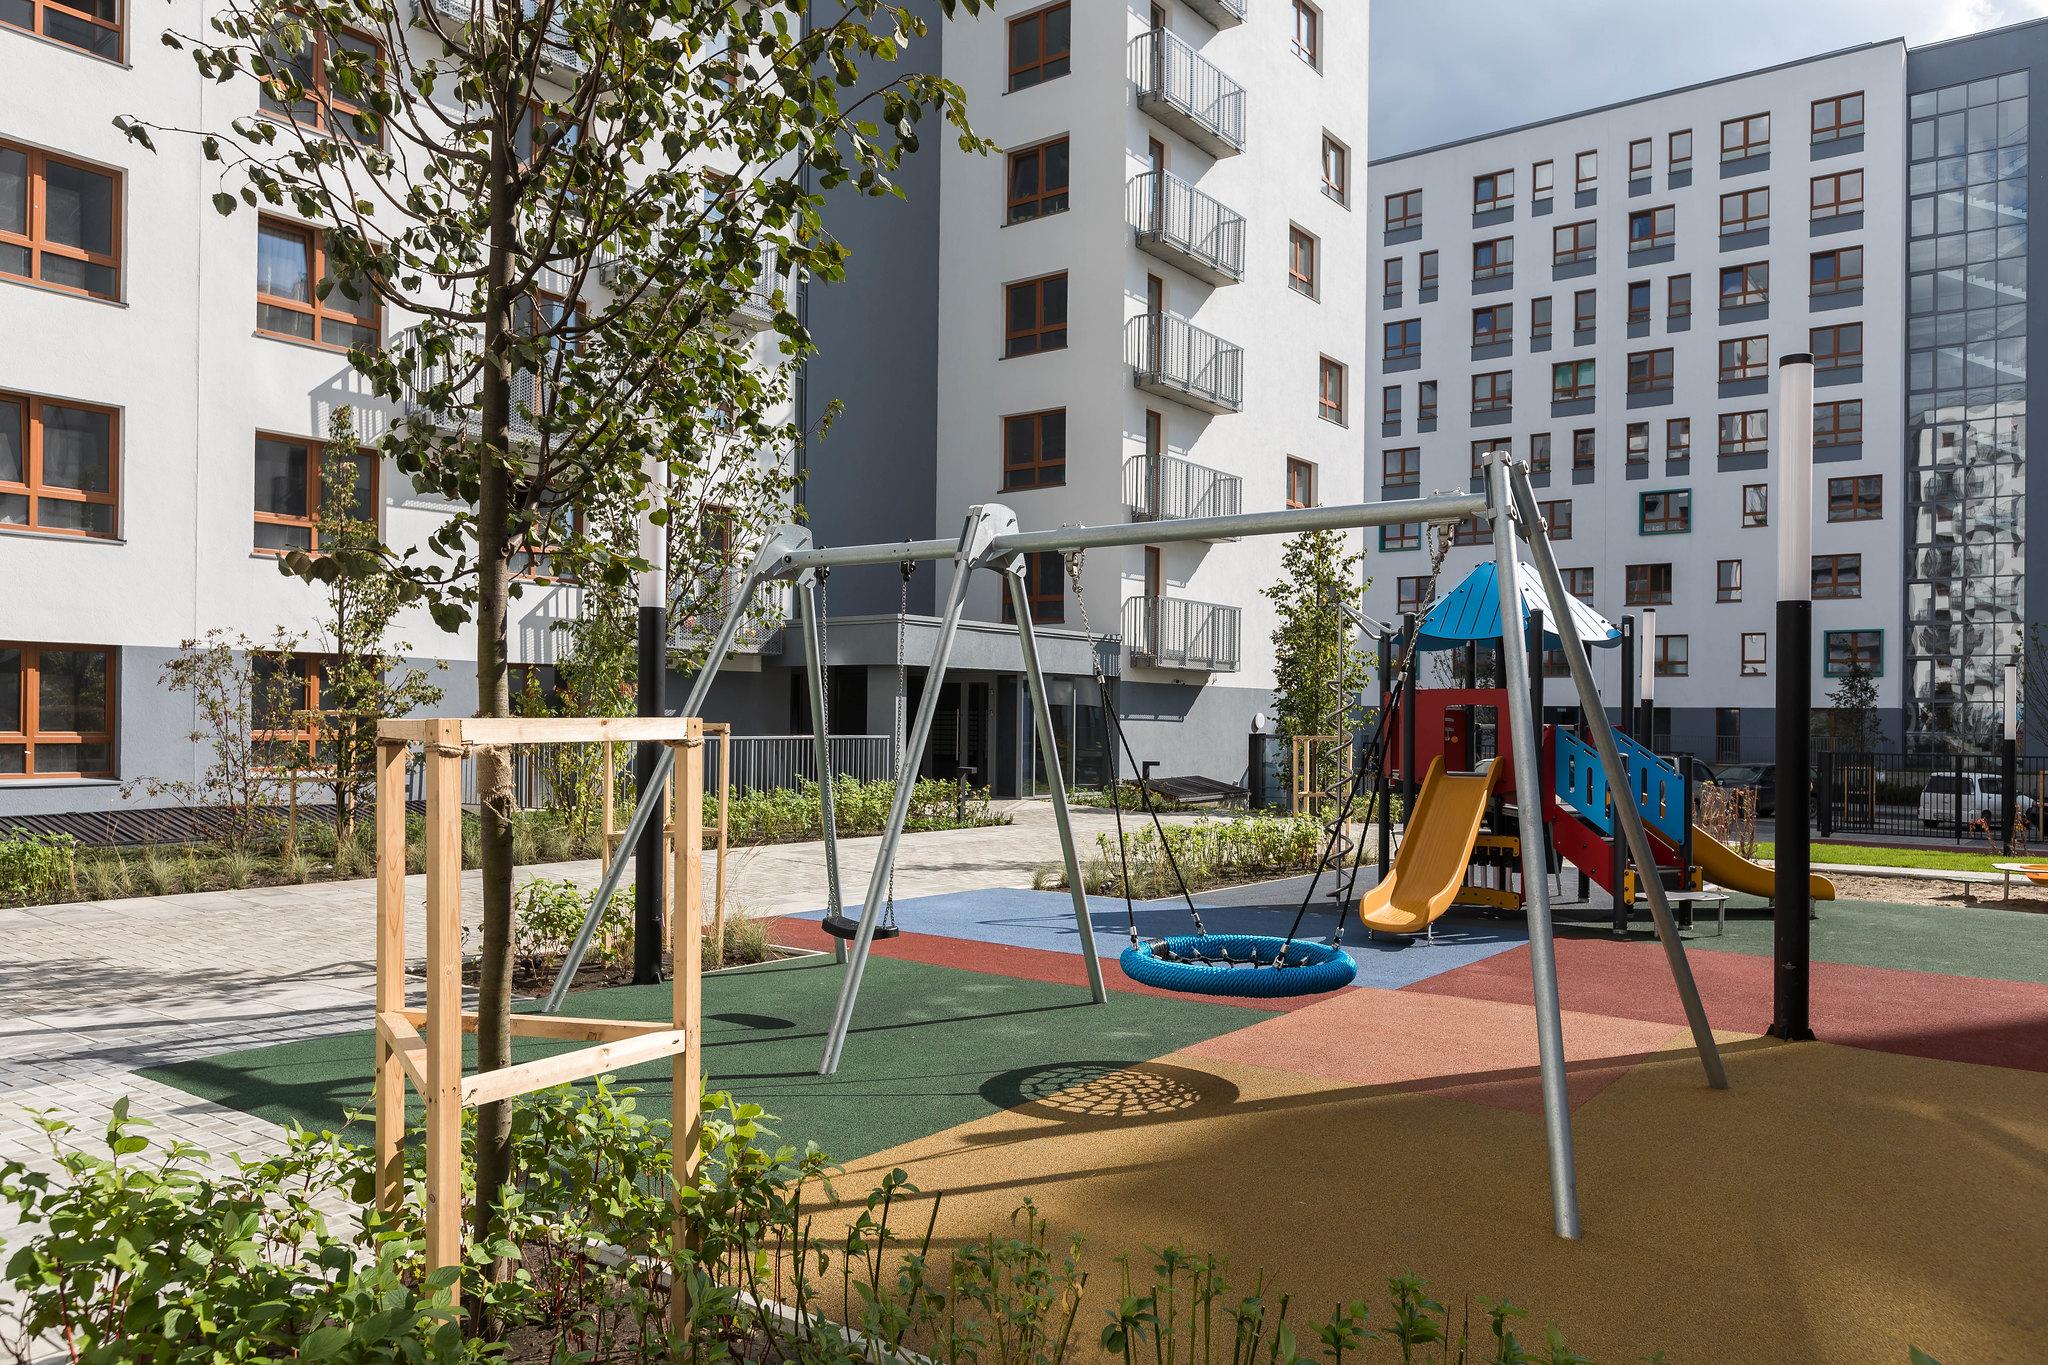 Двор без машин. Детям безопасно играть. Взрослым есть где отдохнуть и пообщаться с друзьями и соседями